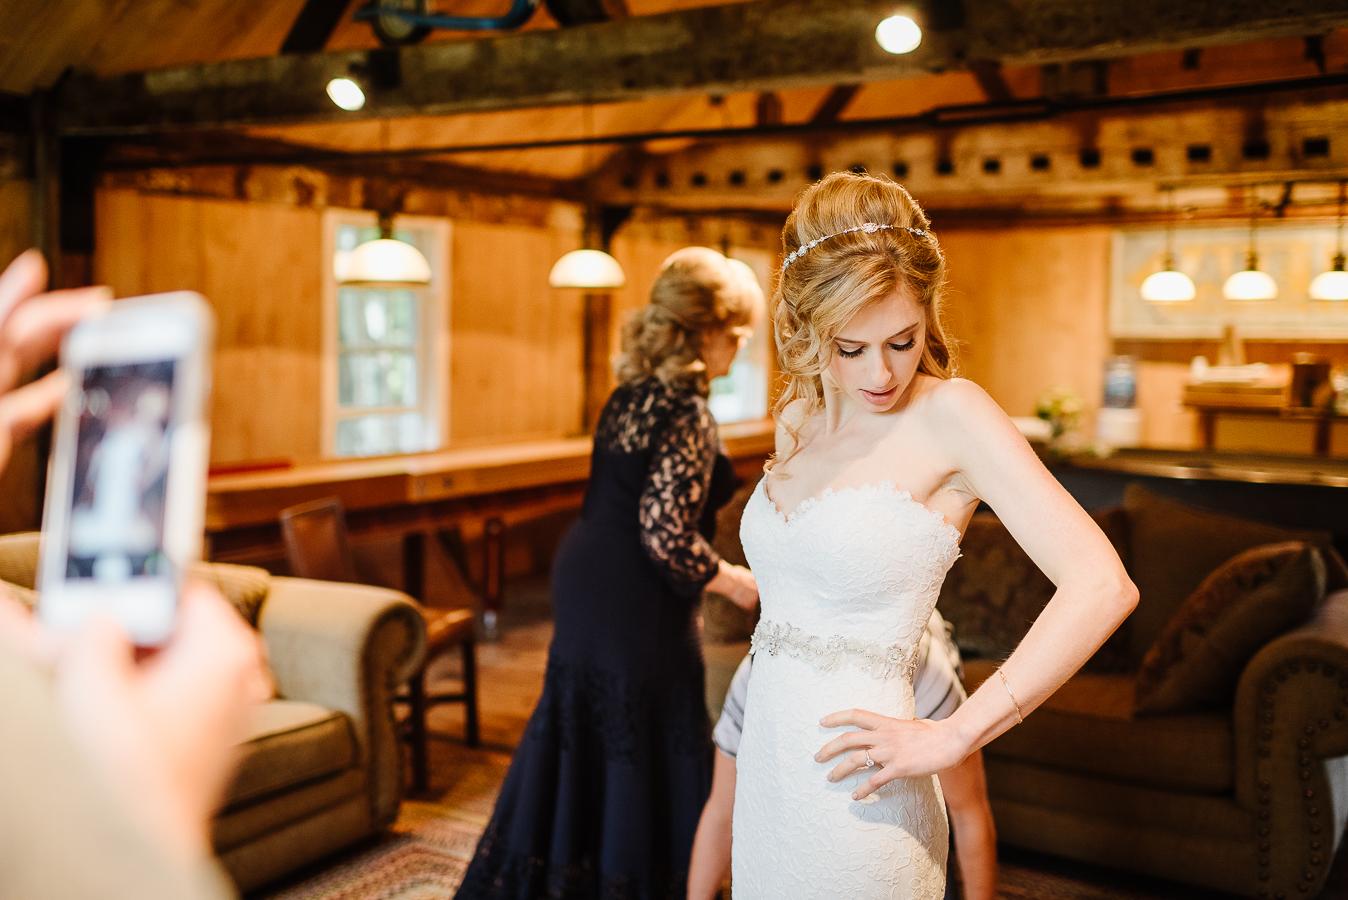 Stylish Crossed Keys Inn Wedding Crossed Keys Wedding Crossed Keys Inn Andover NJ Longbrook Photography-8.jpg